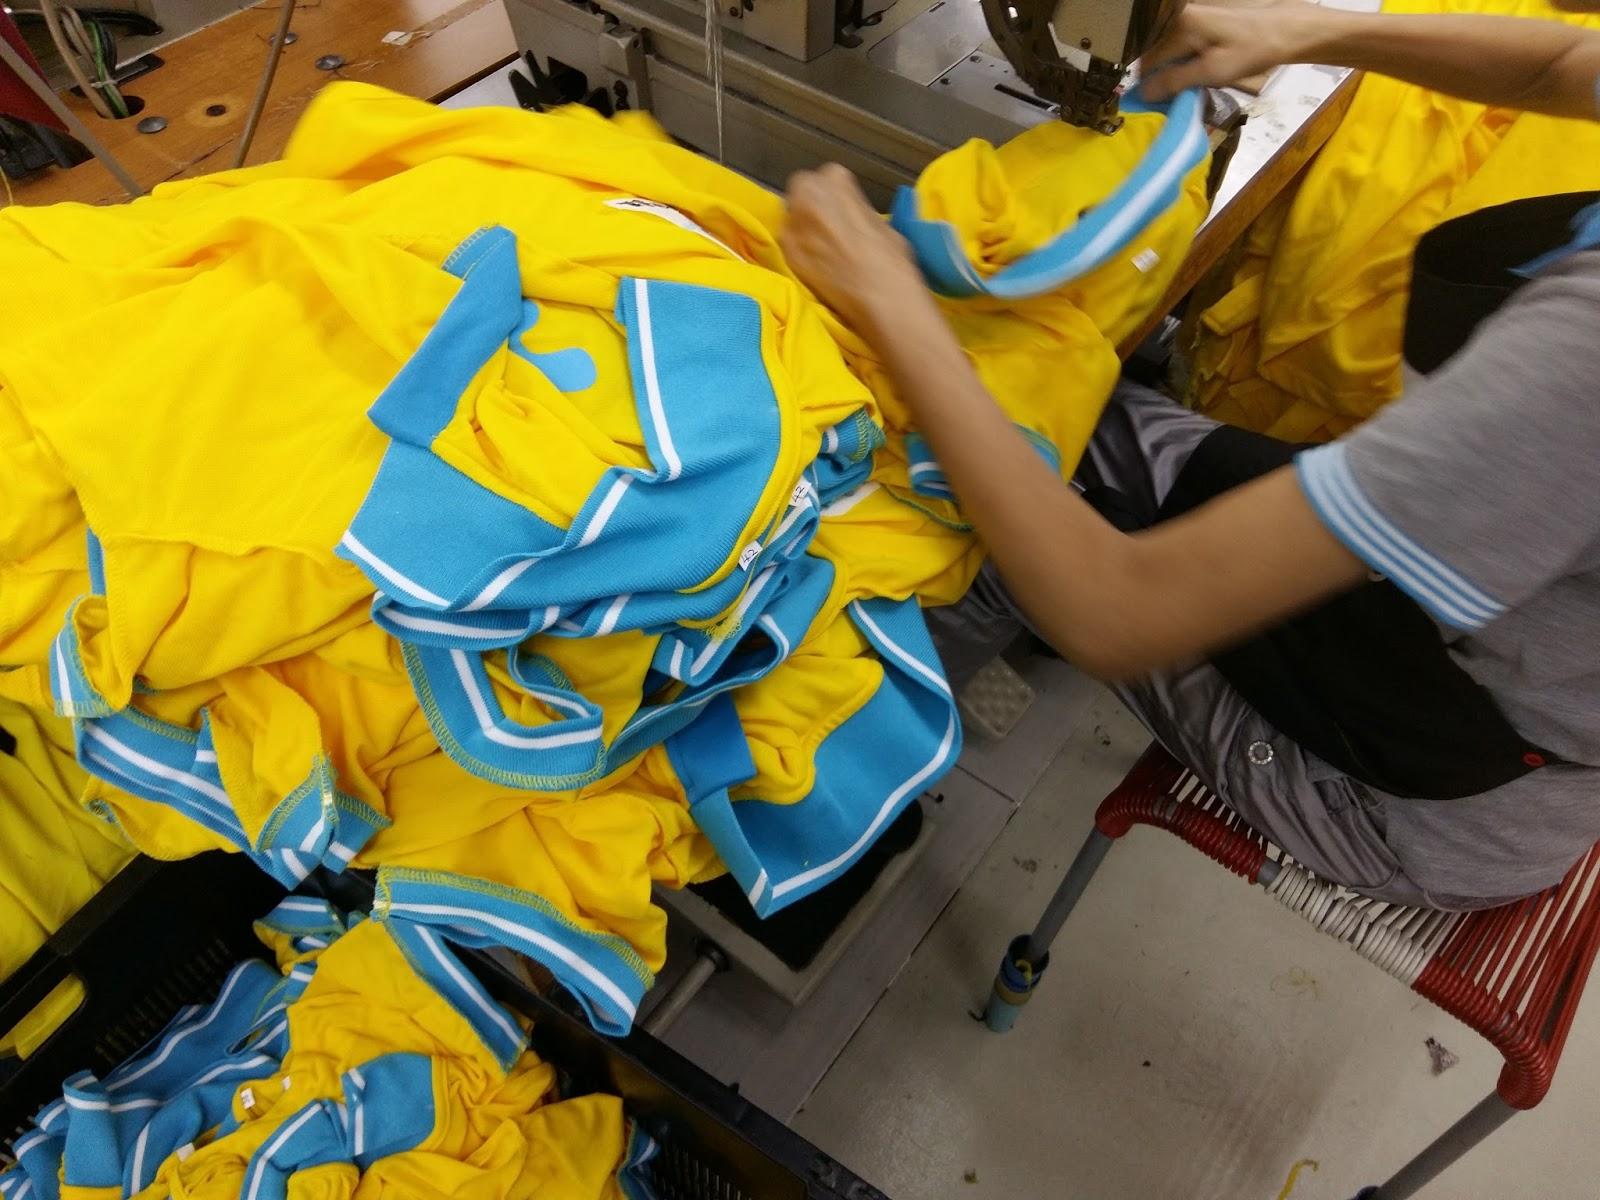 Shirt design online malaysia - Customize T Shirt Design Printing Uniform Johor Jaya Johor Bahru Johor Malaysia Online We Provide Service Of T Shirt Printing Polo Shirt Uniform